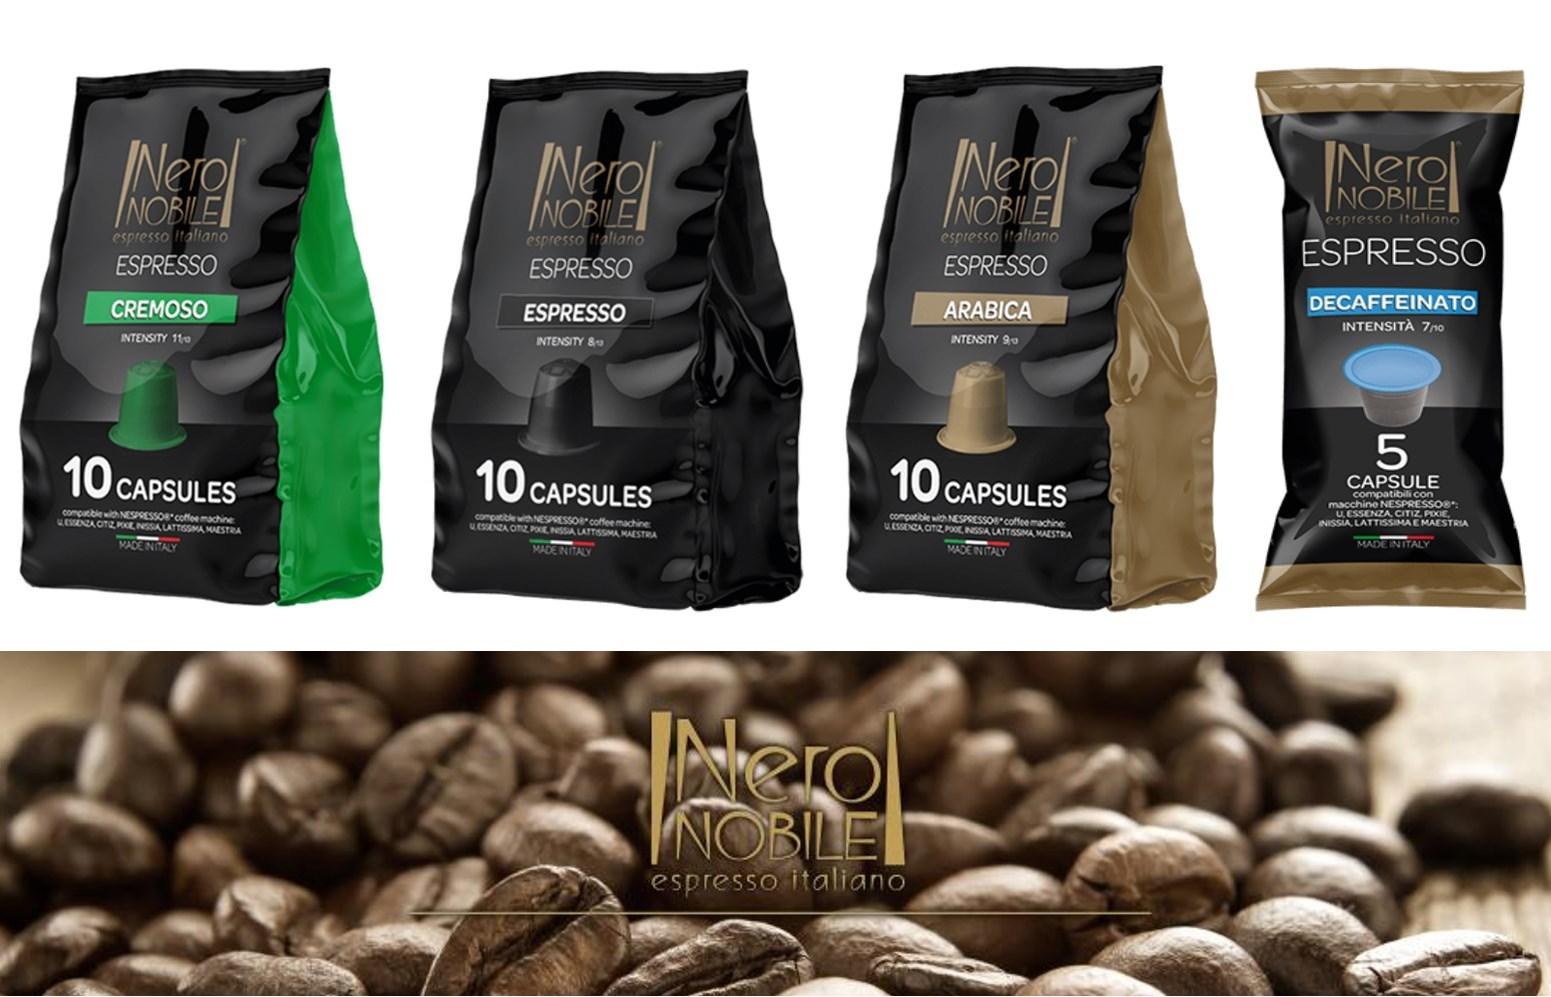 Ιταλικές Κάψουλες ΚΑΦΕ συμβατές με μηχανές NESPRESSO: Η Καλύτερη τιμή της αγοράς (από 0,2/κάψουλα)! Απολαύστε αρωματικό Ristretto ή Espresso ή Lungo, από τη NeroNobile, την ηγέτιδα εταιρία στην Ιταλική βιομηχανία καφέ!